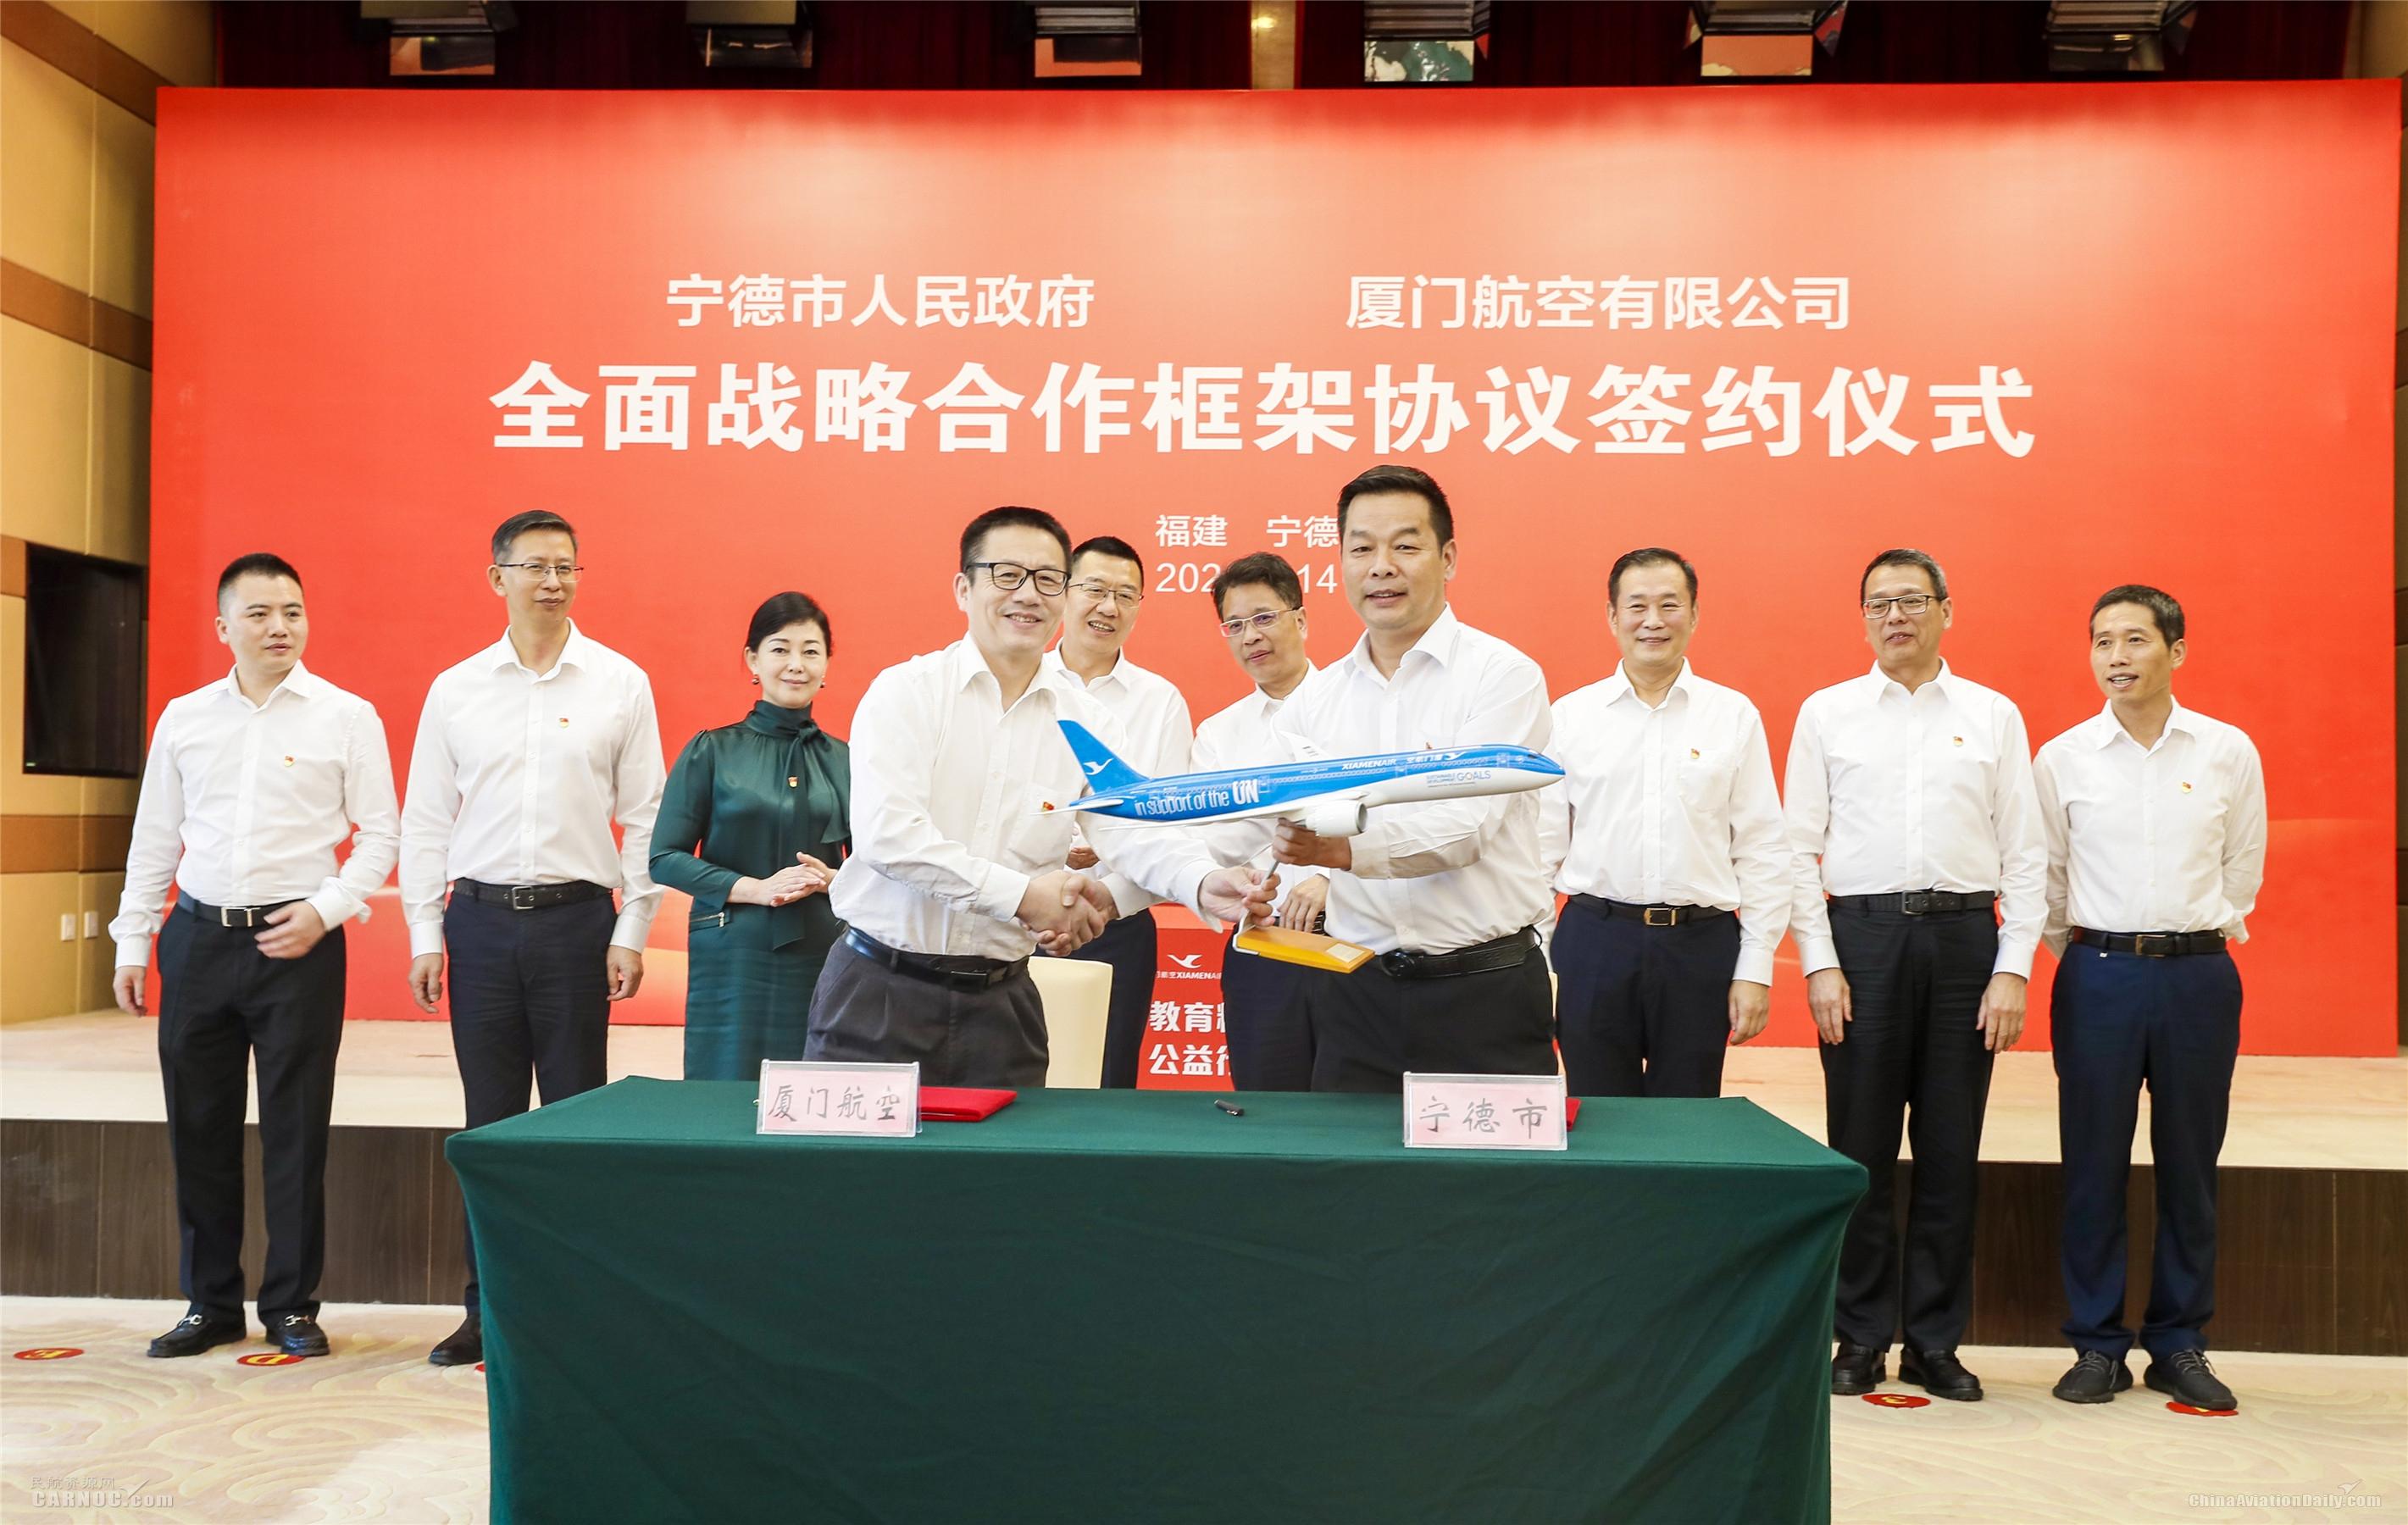 厦航与宁德市政府签署全面战略合作协议